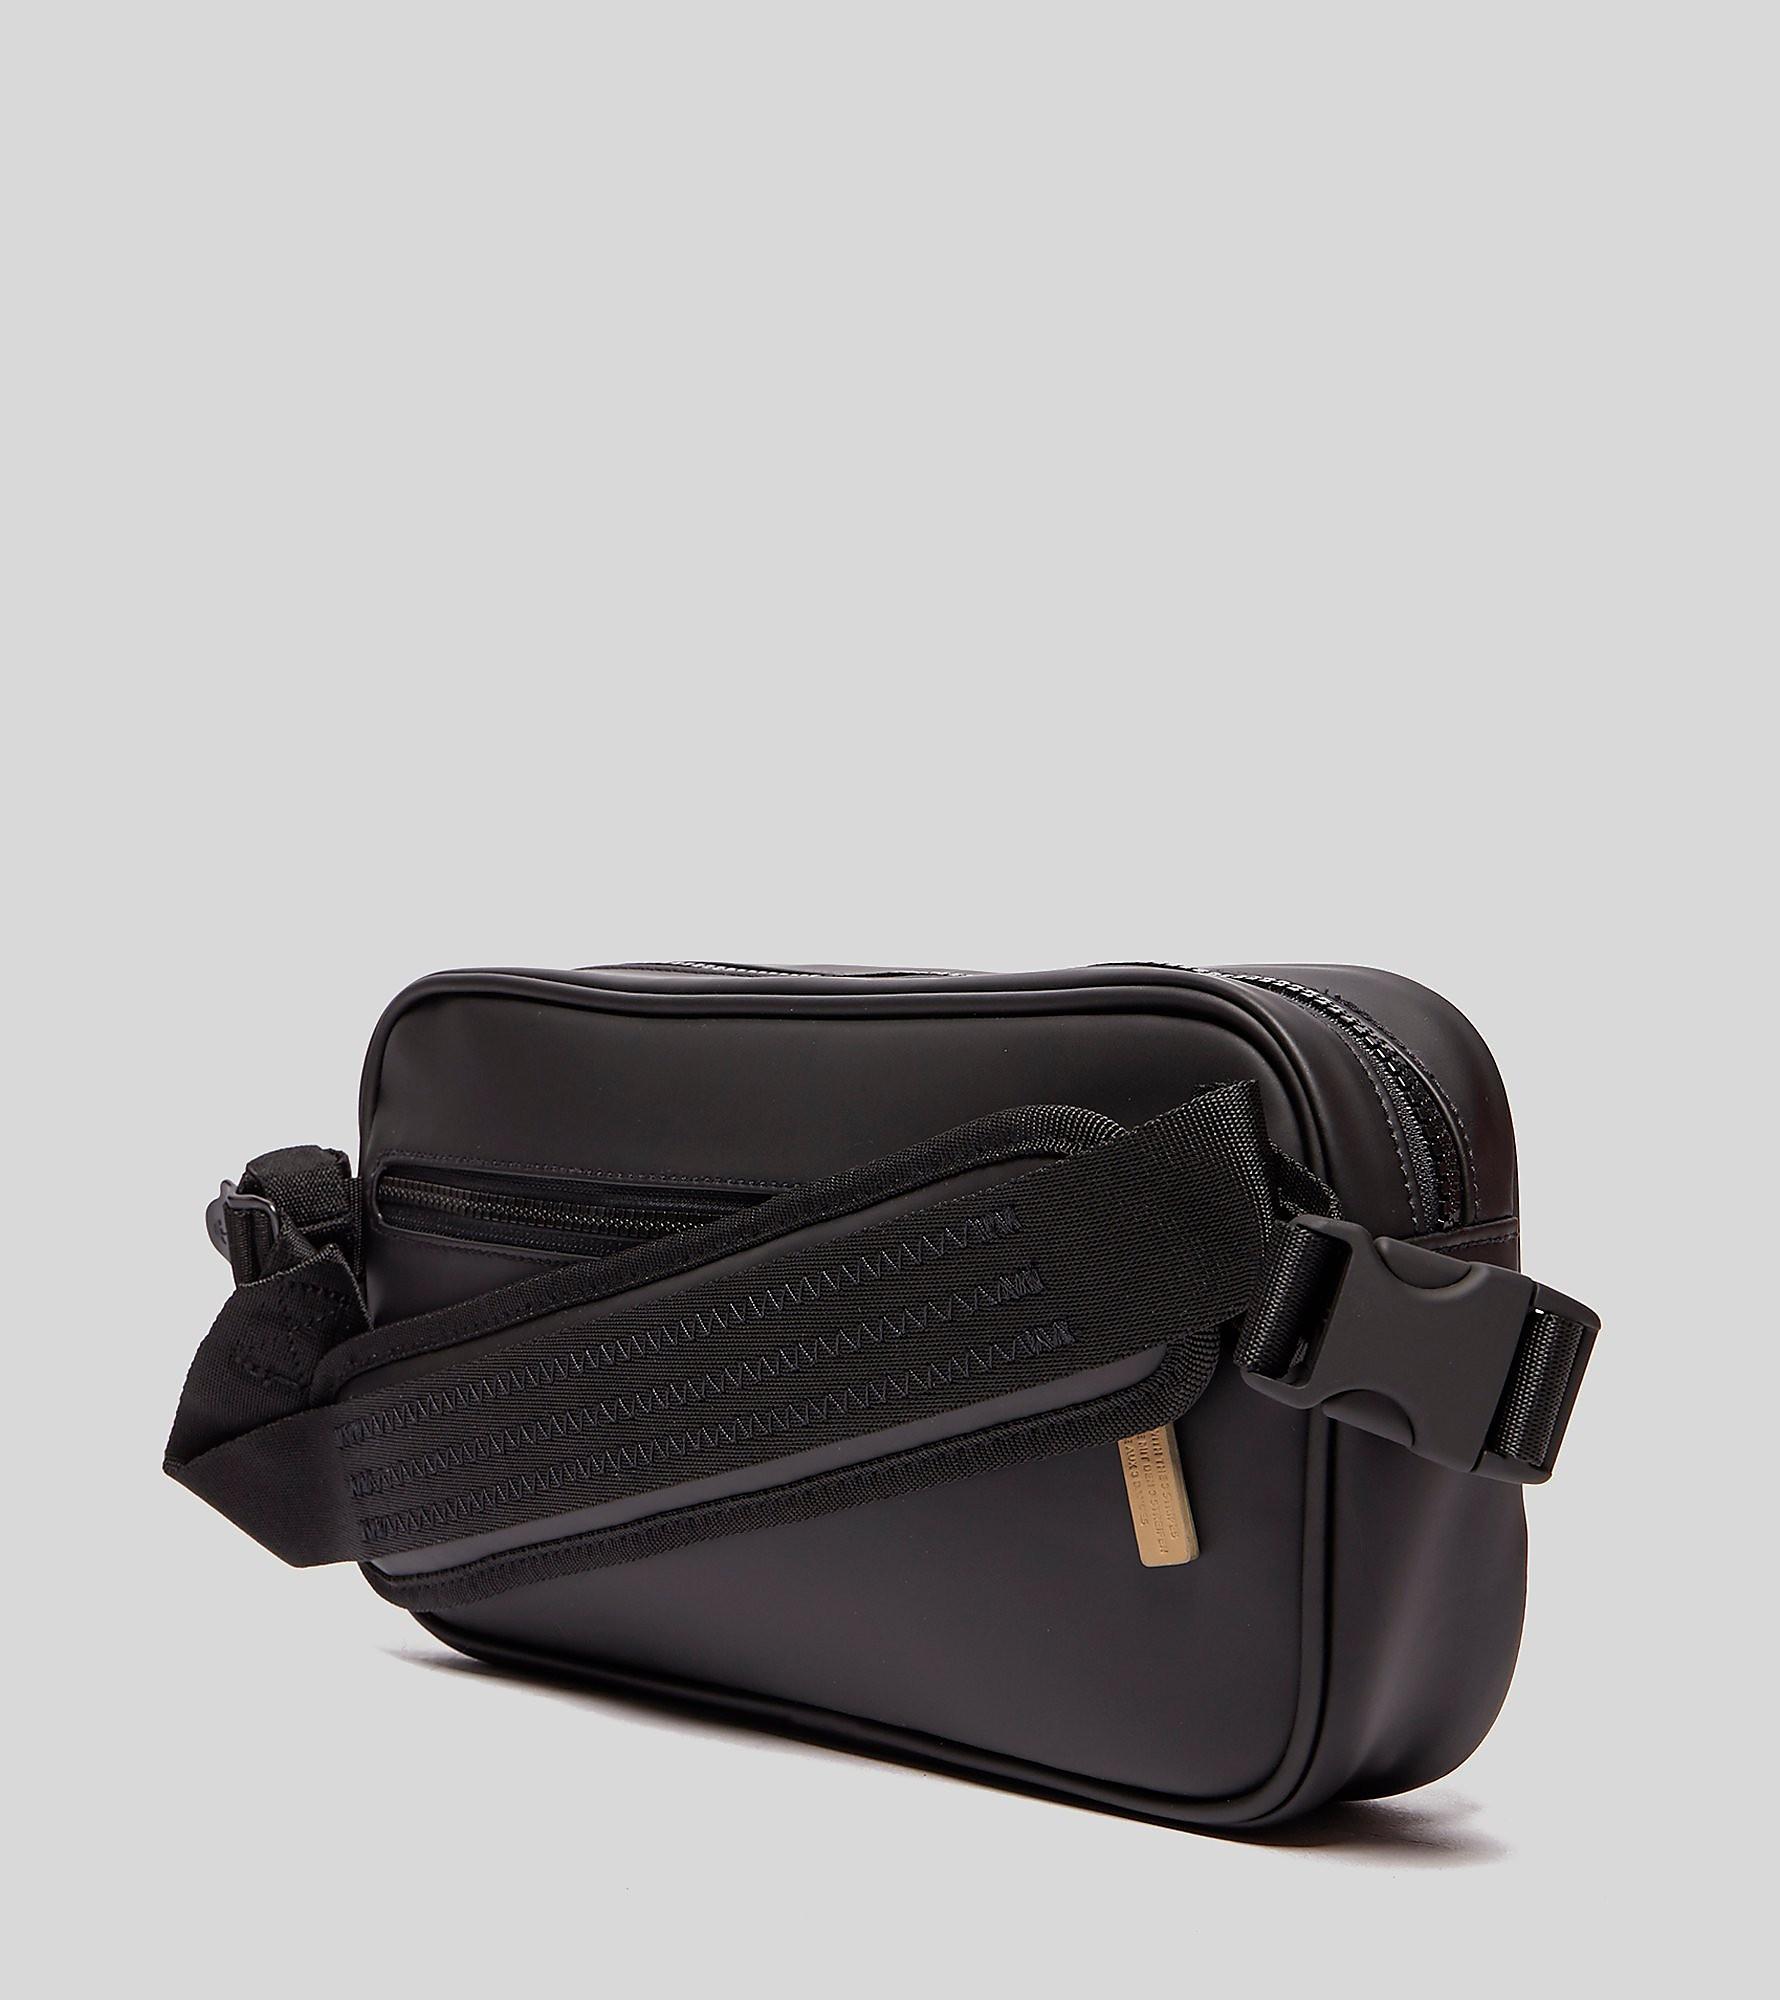 adidas Originals NMD Side Bag